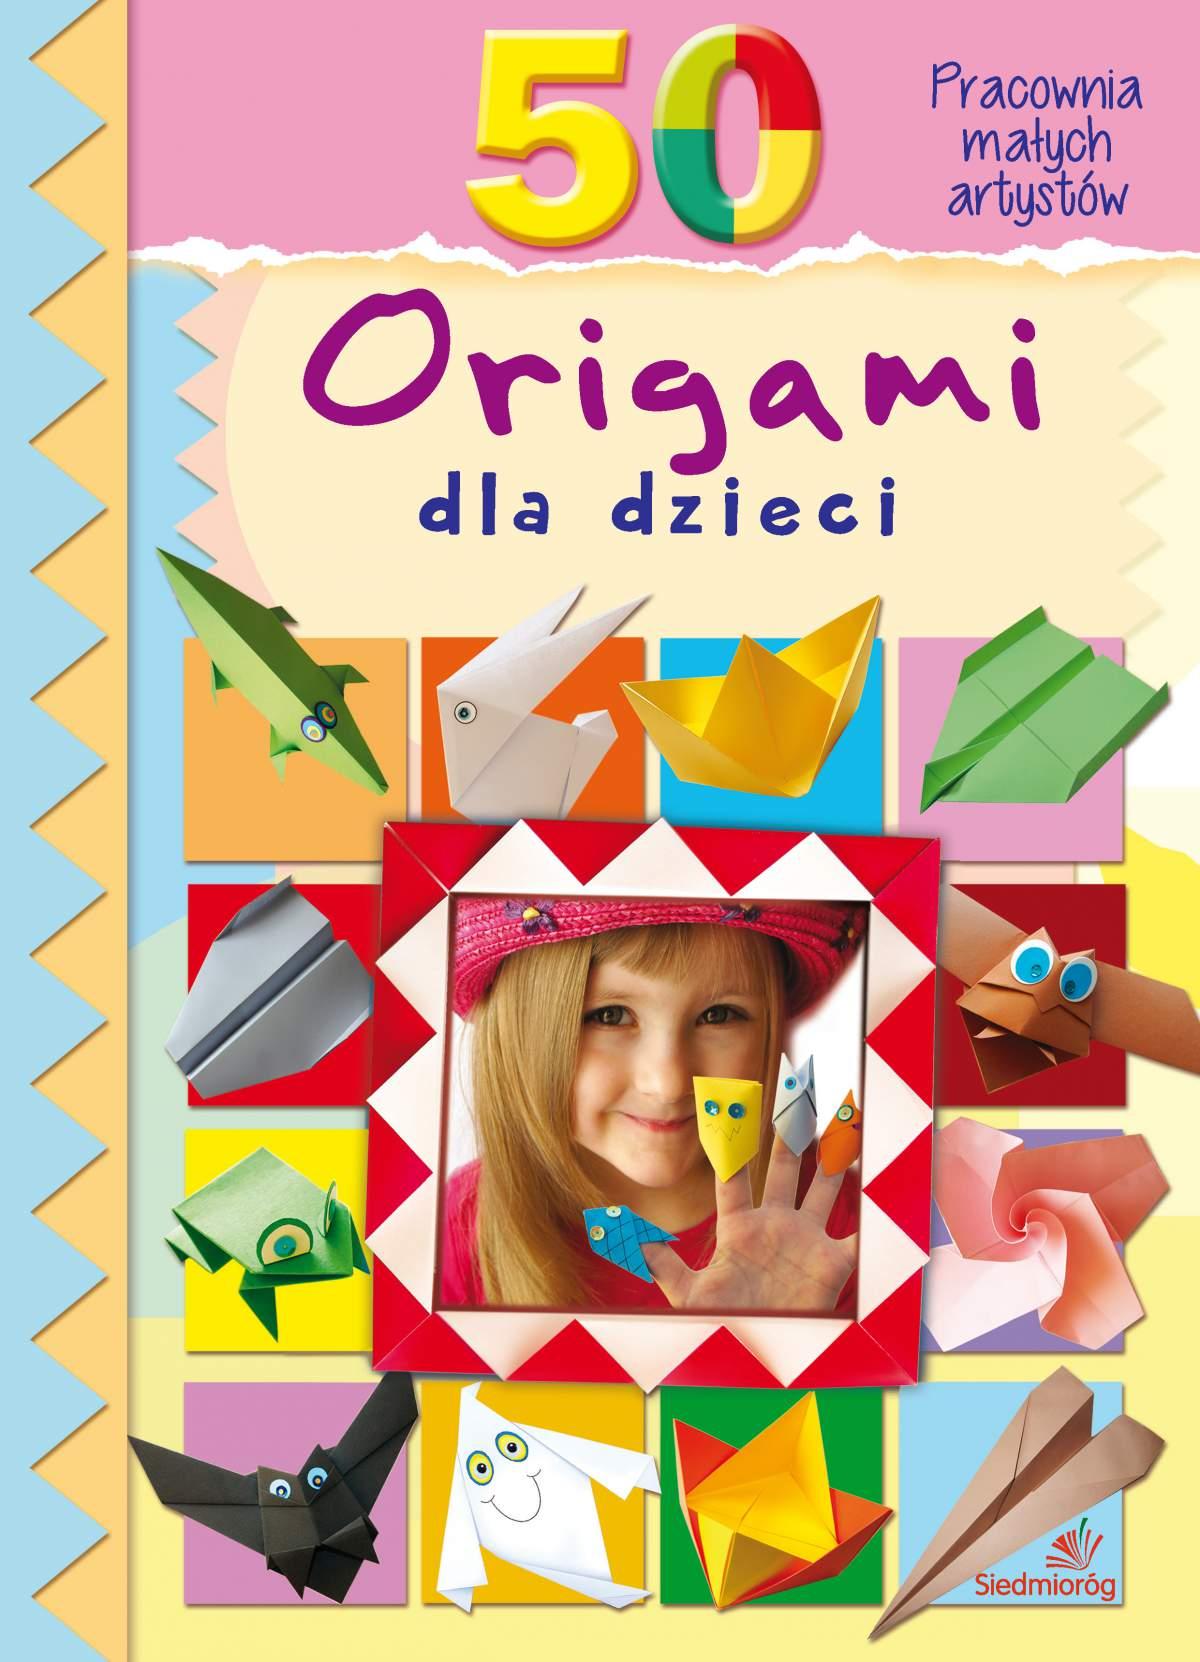 50 origami dla dzieci - Ebook (Książka PDF) do pobrania w formacie PDF